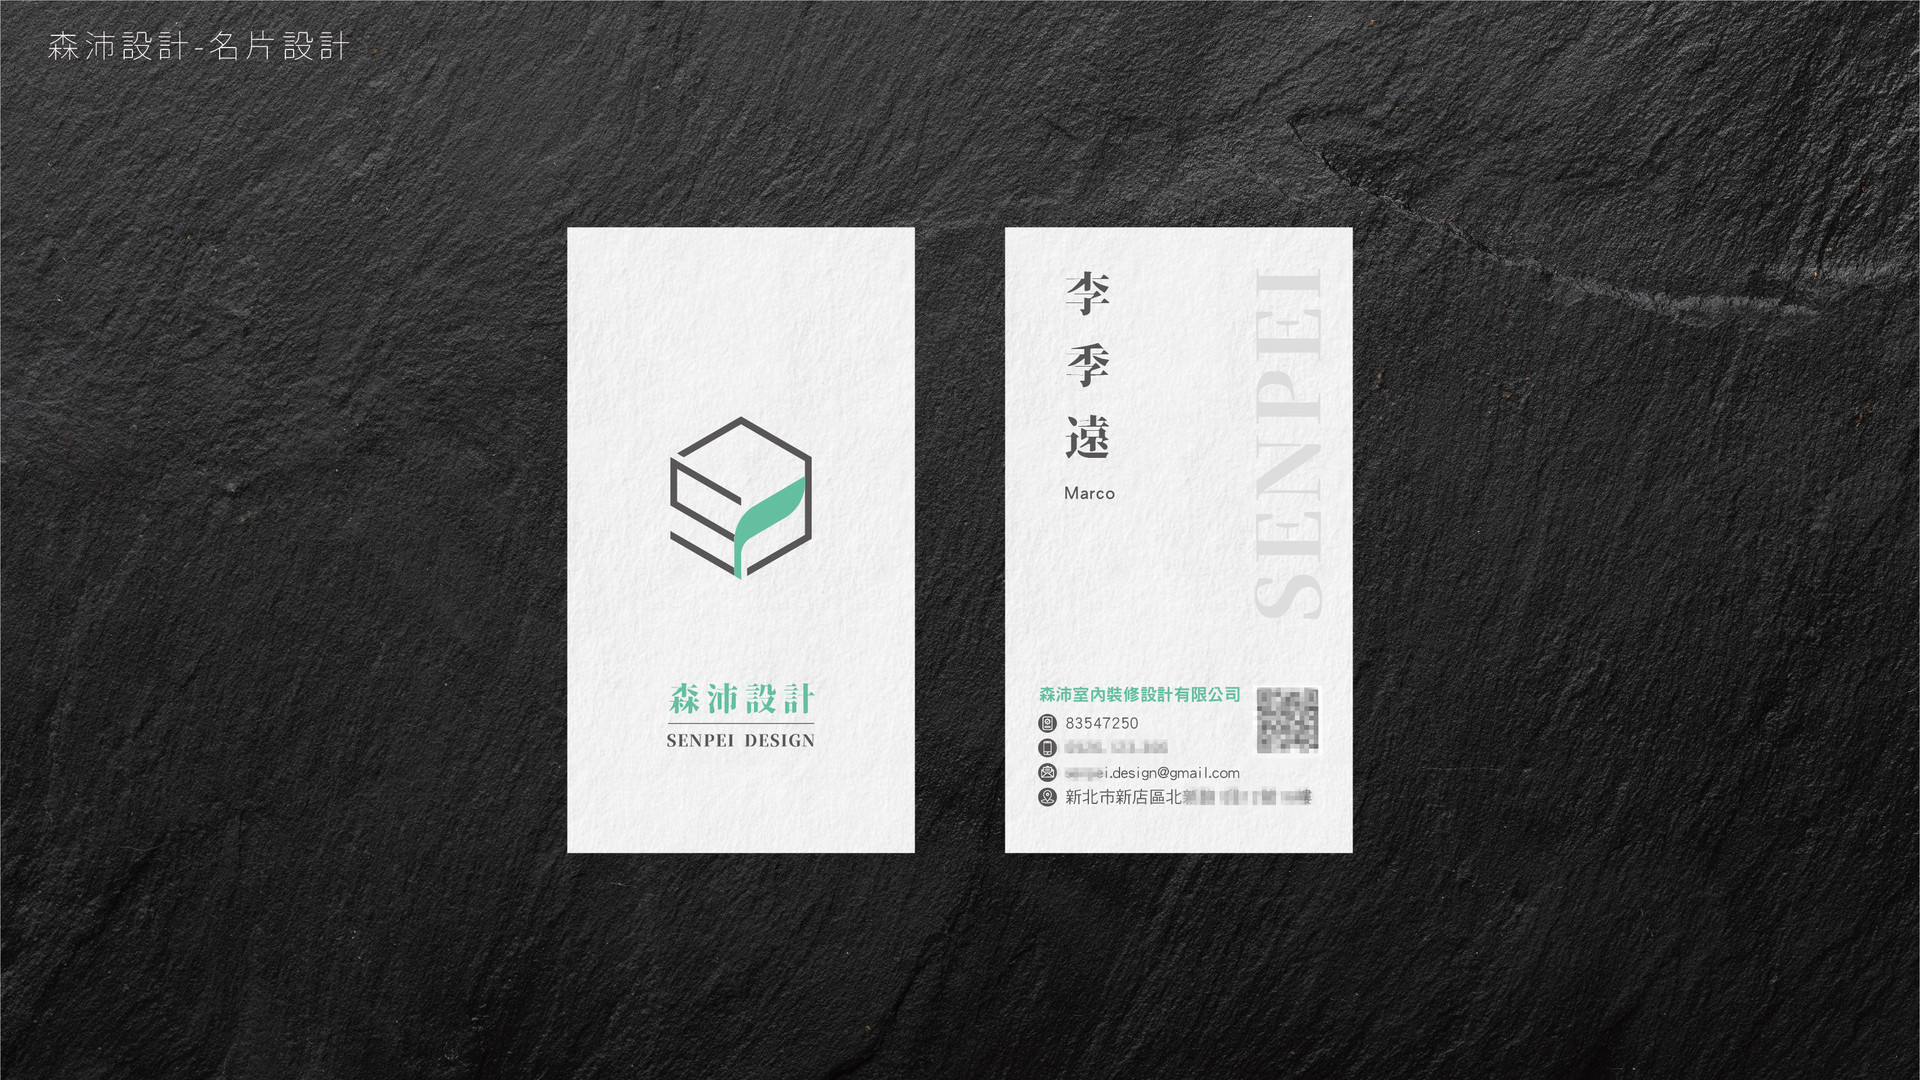 森沛室內設計-名片設計-6.jpg